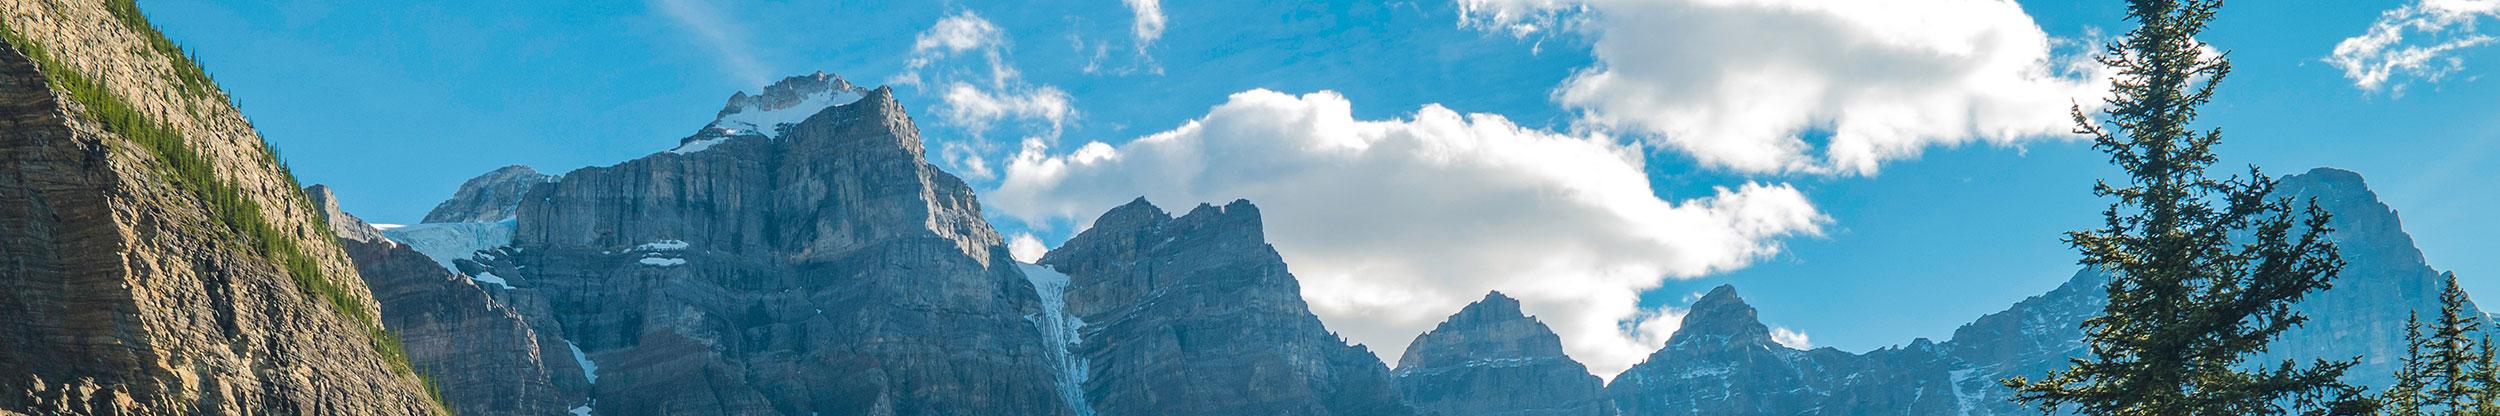 Kanada Berge und blauer Himmel